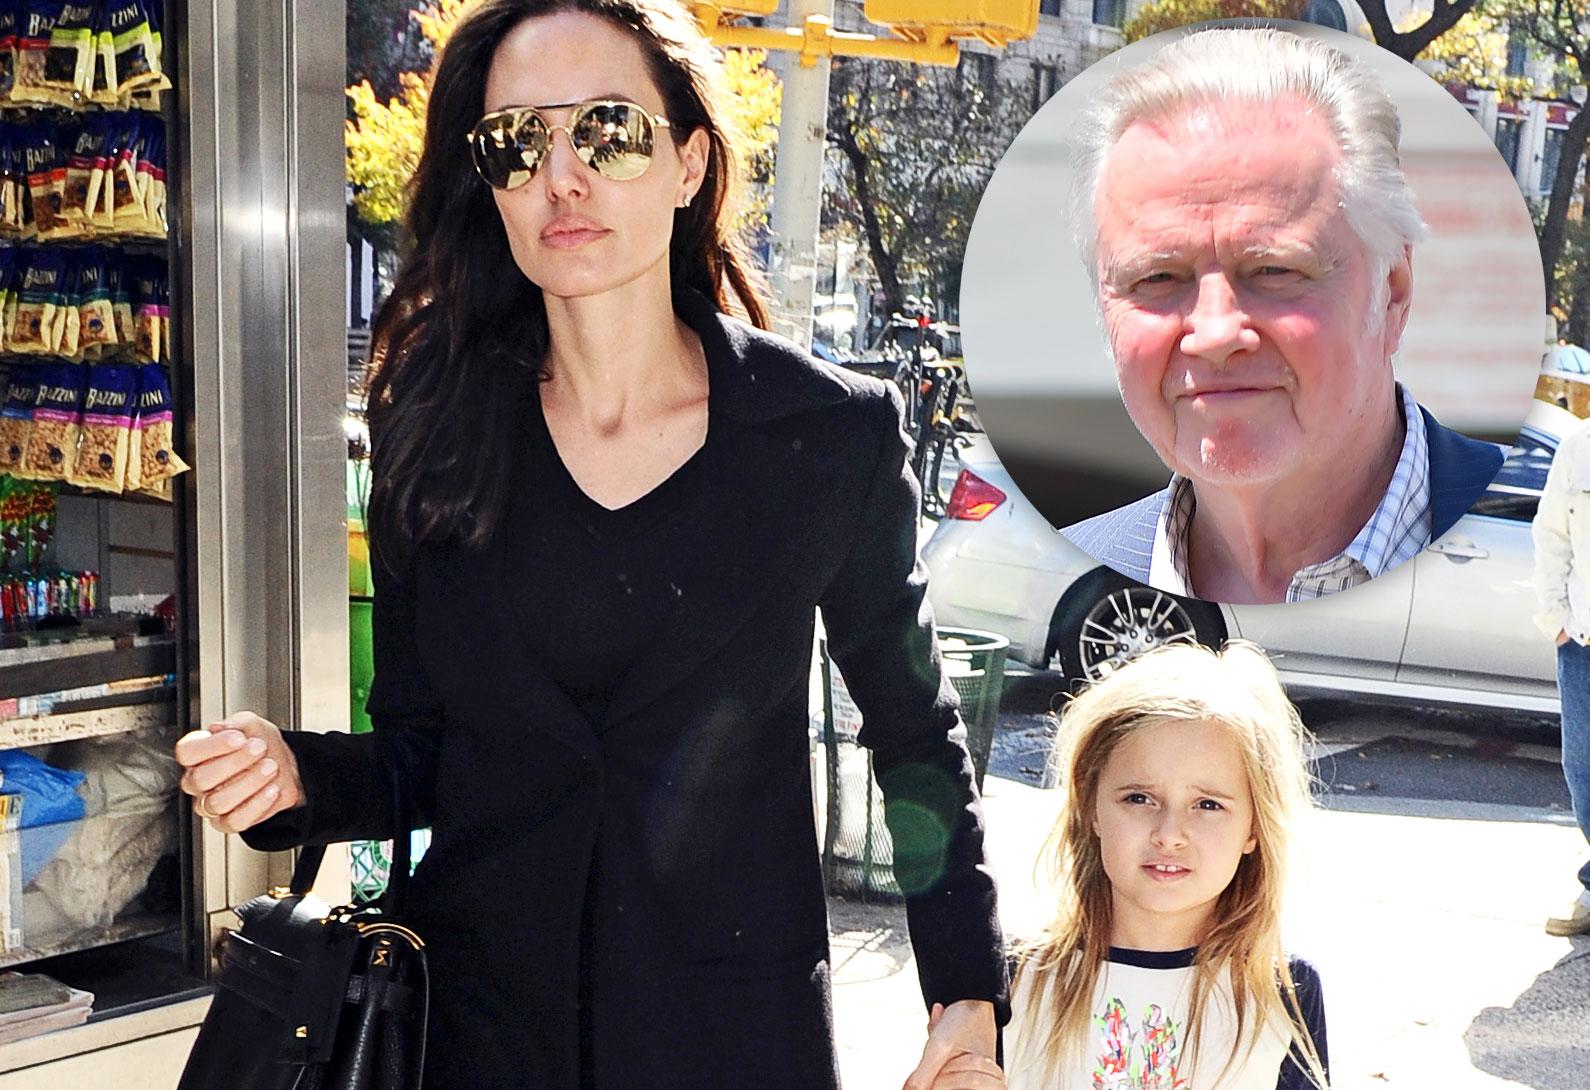 Angelina jolie divorcing brad pitt 05